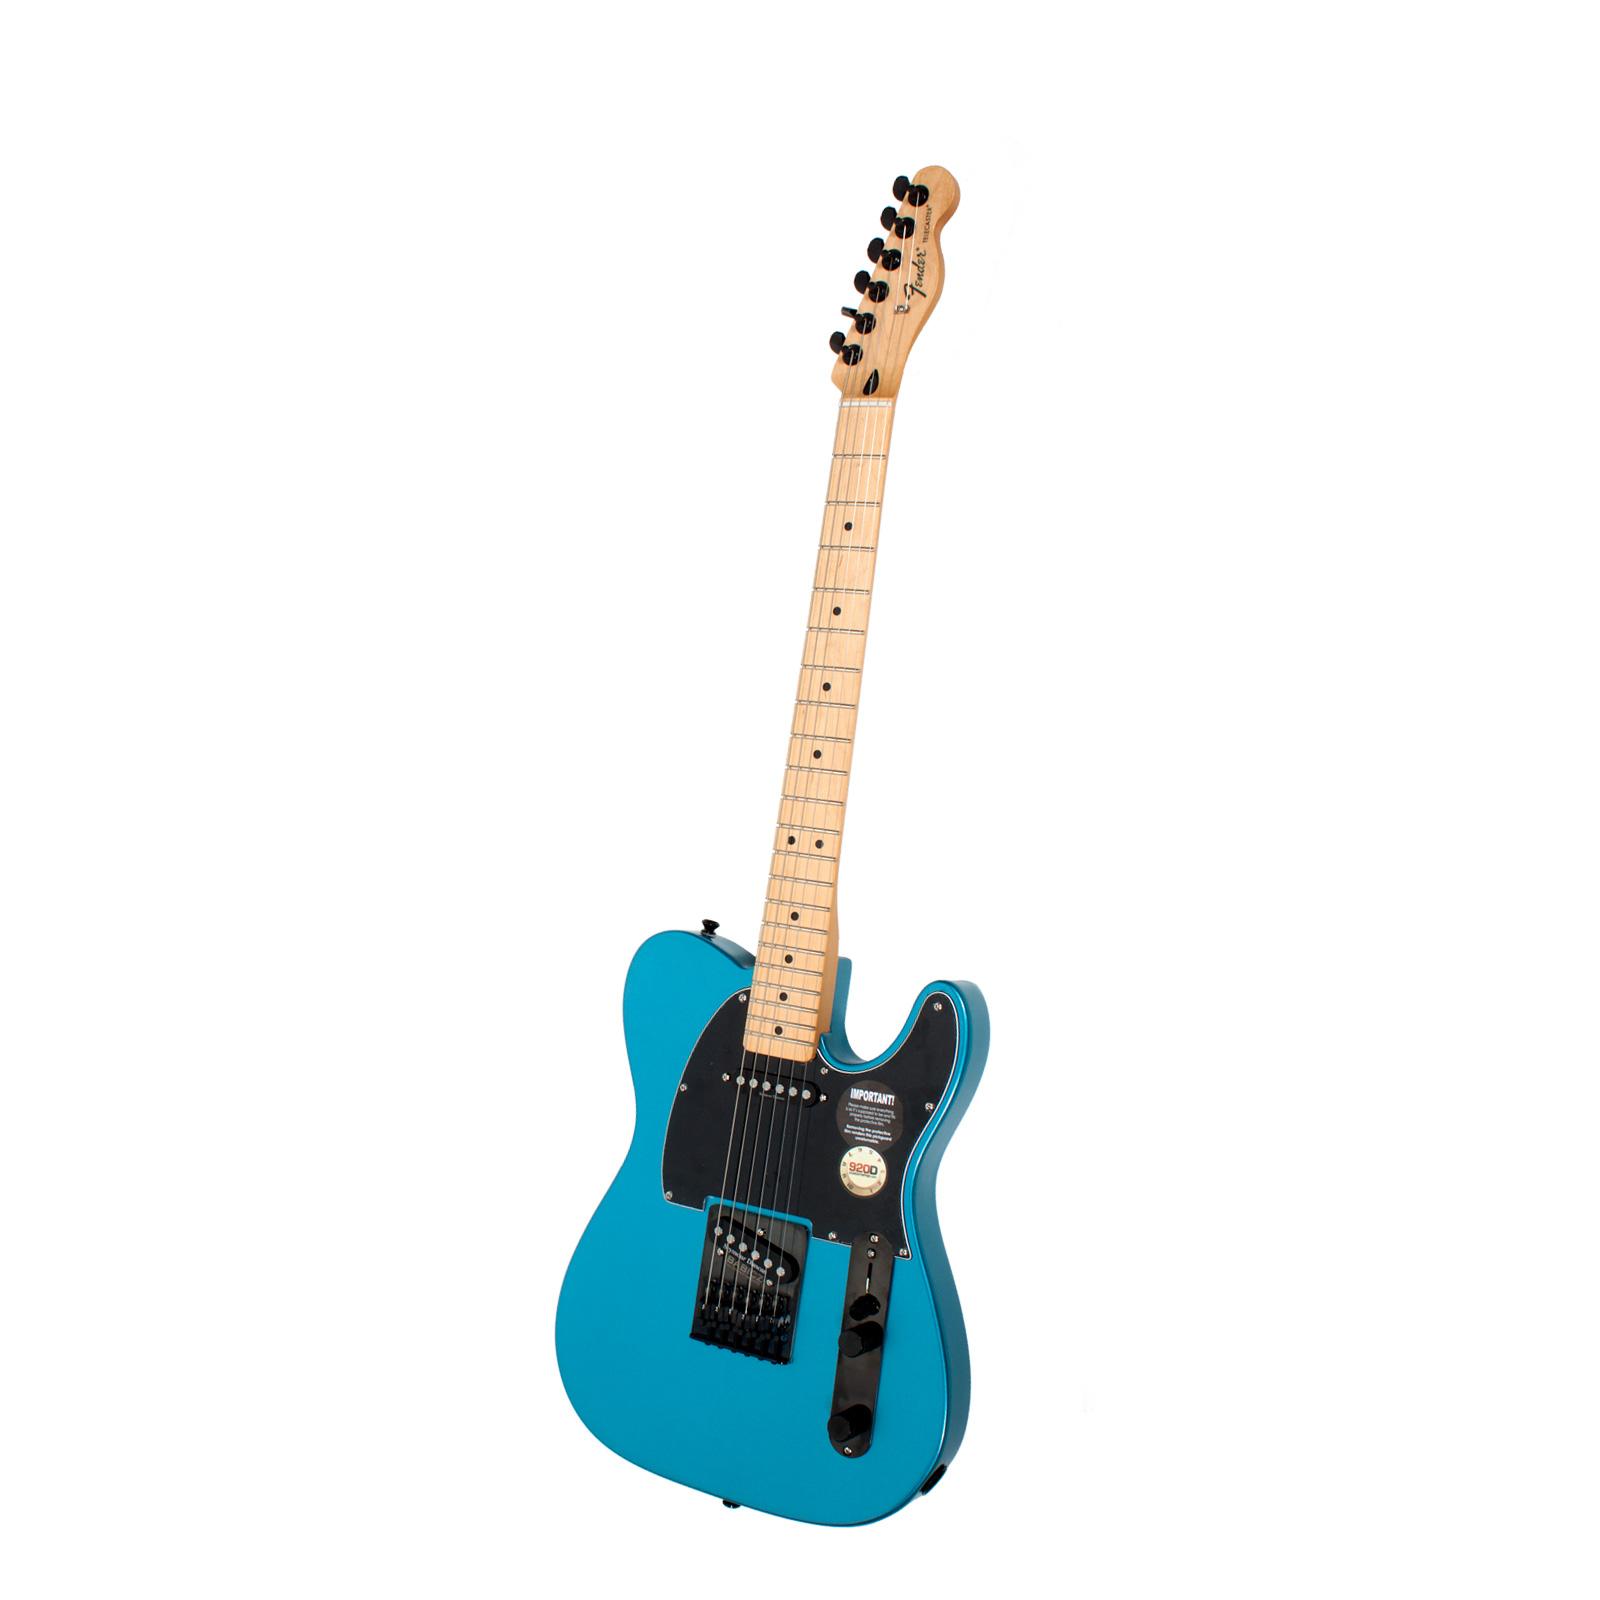 Fender Telecaster Tele Mod Electric Guitar Seymour Duncan SSL-4 Quarter Pound